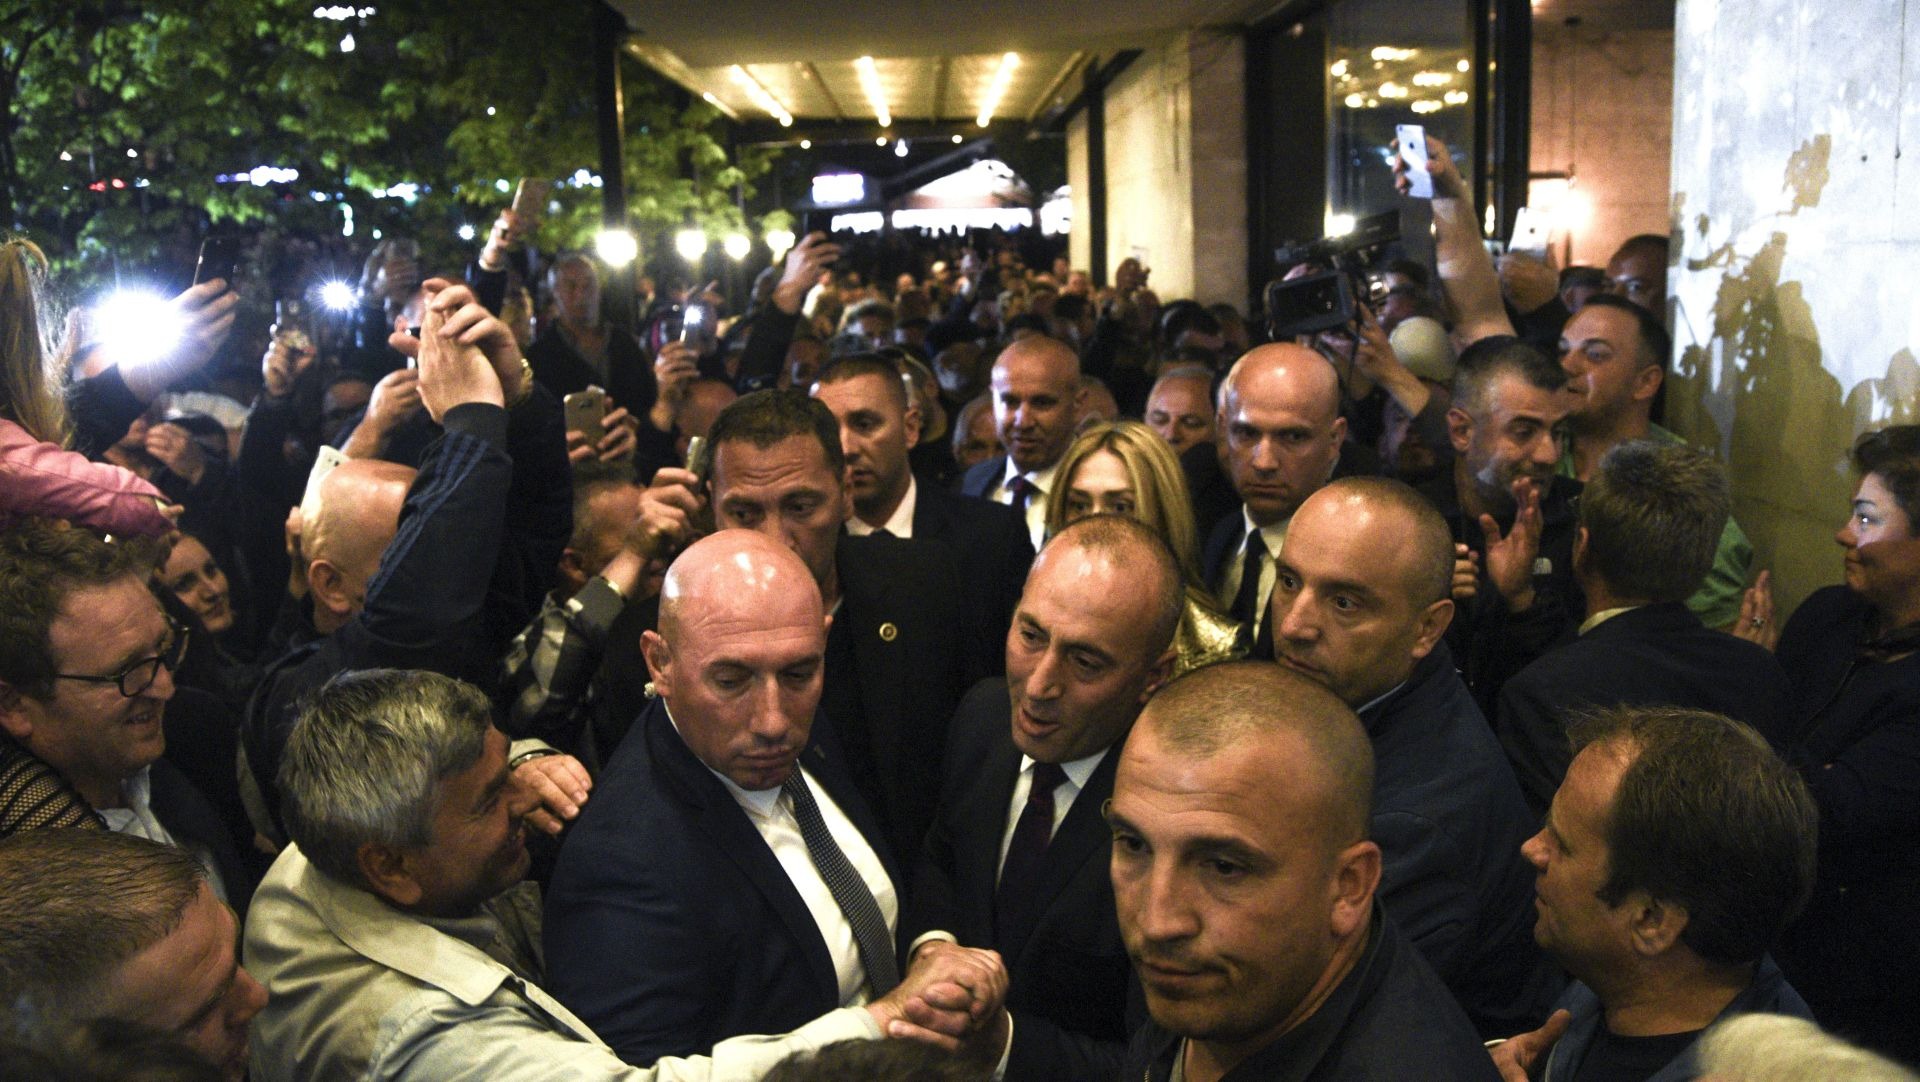 A BEOGRAD GA MRZI Kosovskim Srbima tri ministarstva u vladi premijera Haradinaja